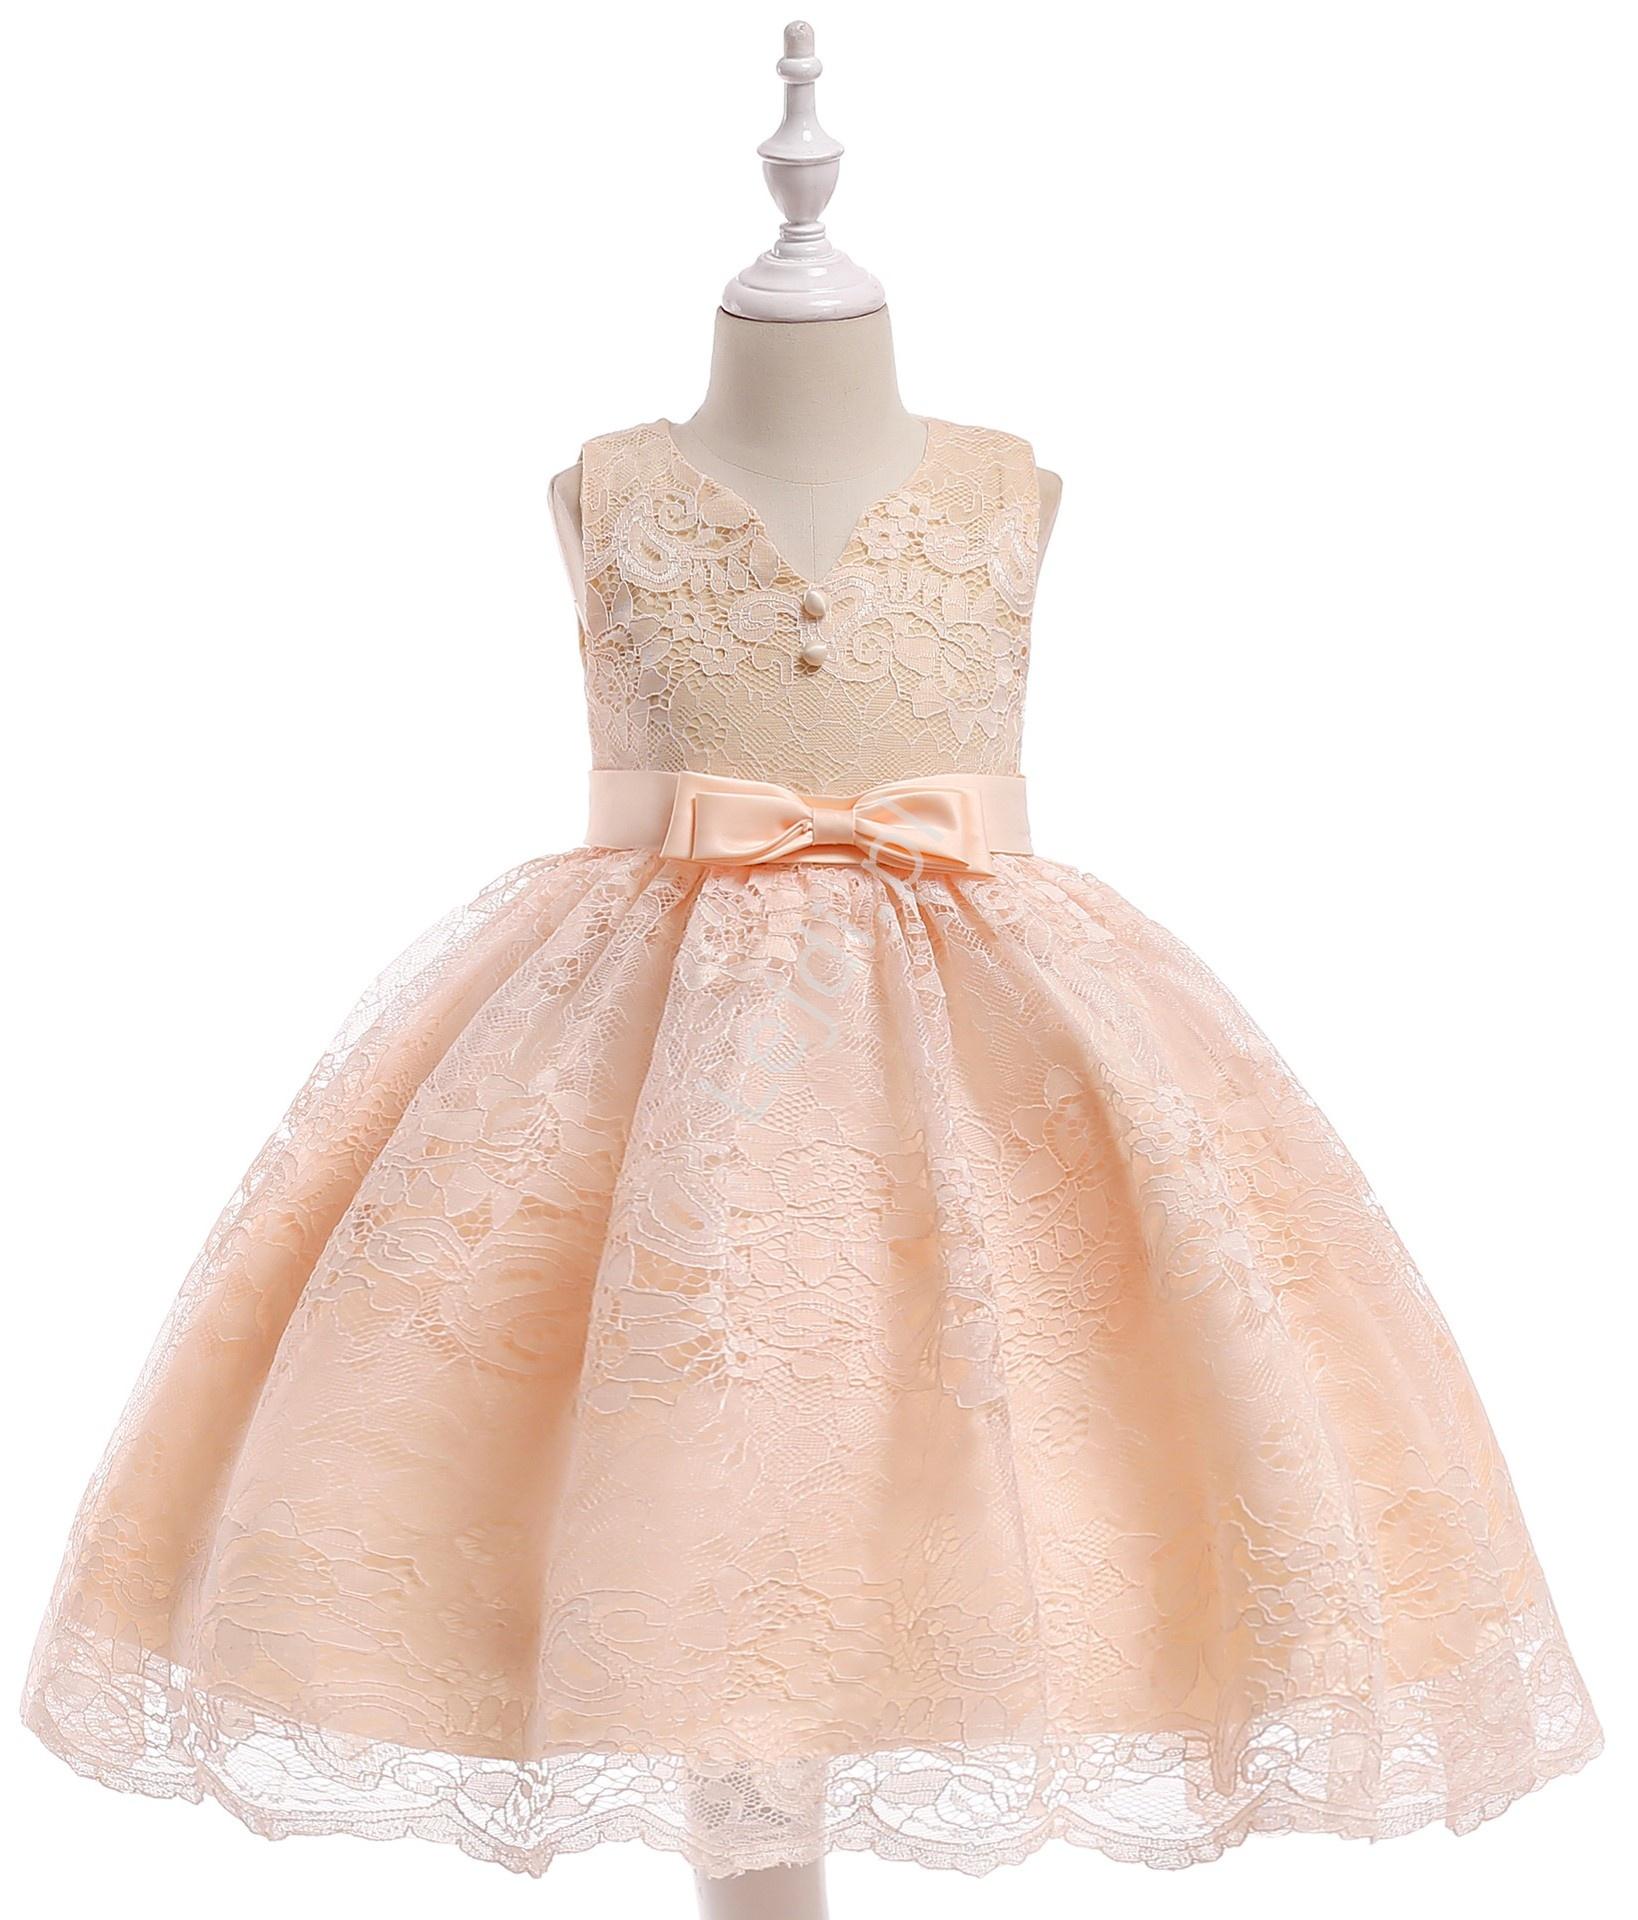 Koronkowa sukienka dla dziewczynki z kokardami - szampańska - Lejdi